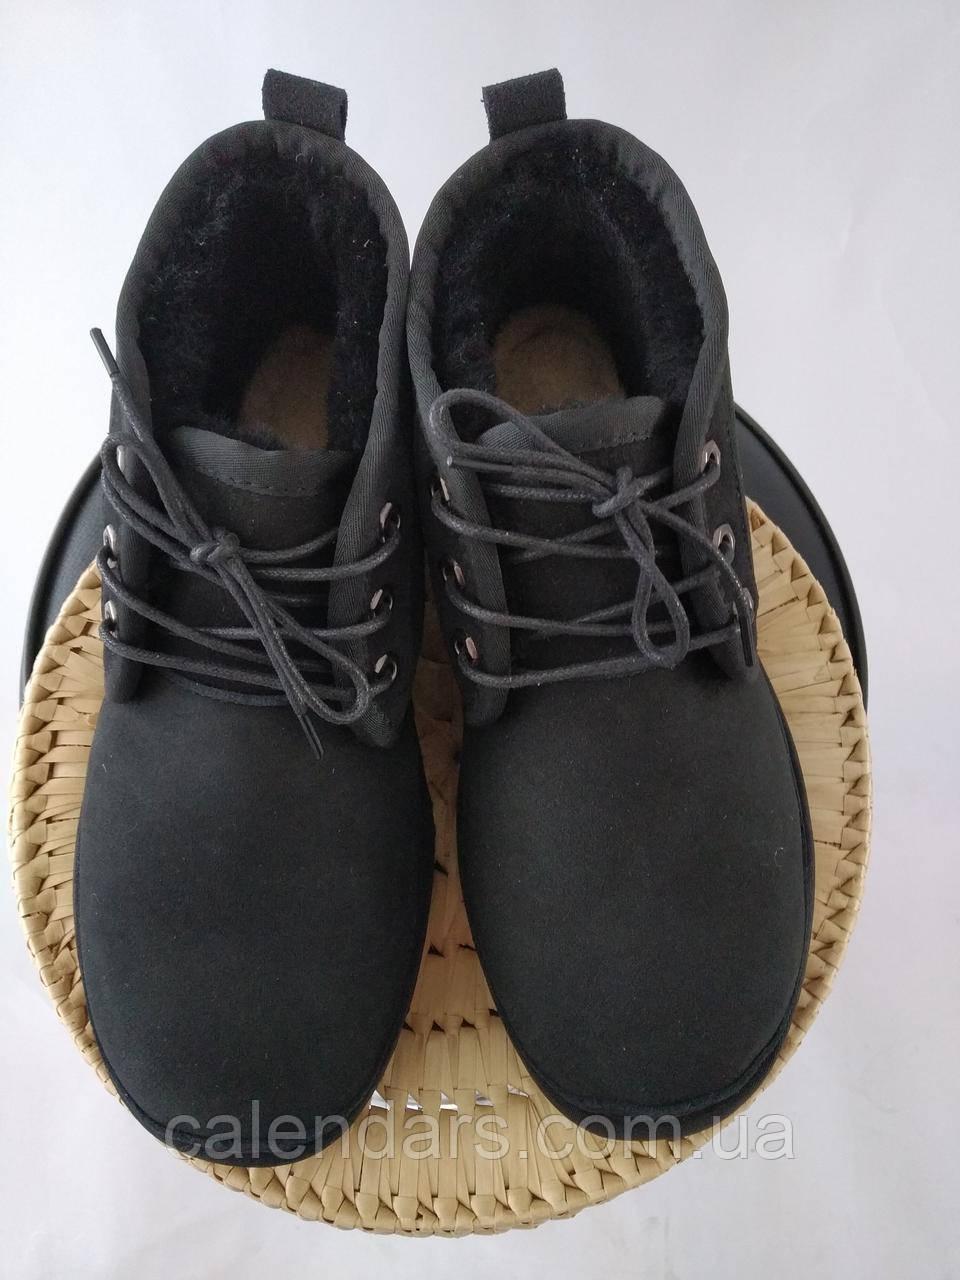 Угги брендовые мужские ботинки черные